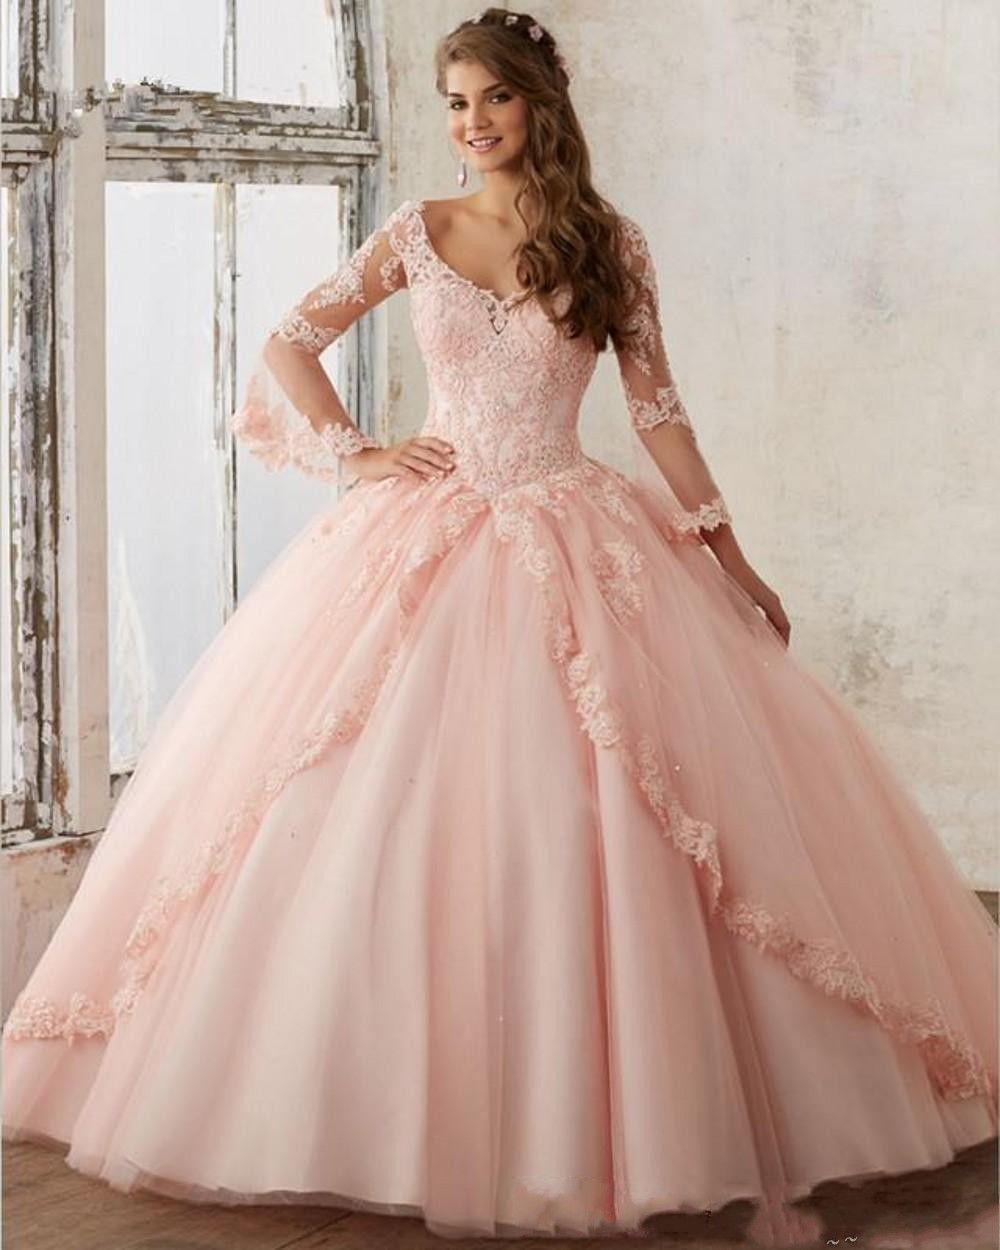 2019 neue langarm baby rosa ballkleid quinceanera kleider v-ausschnitt spitze appliques lange prom sweet 16 prom kleider vestidos de quinceanera 322